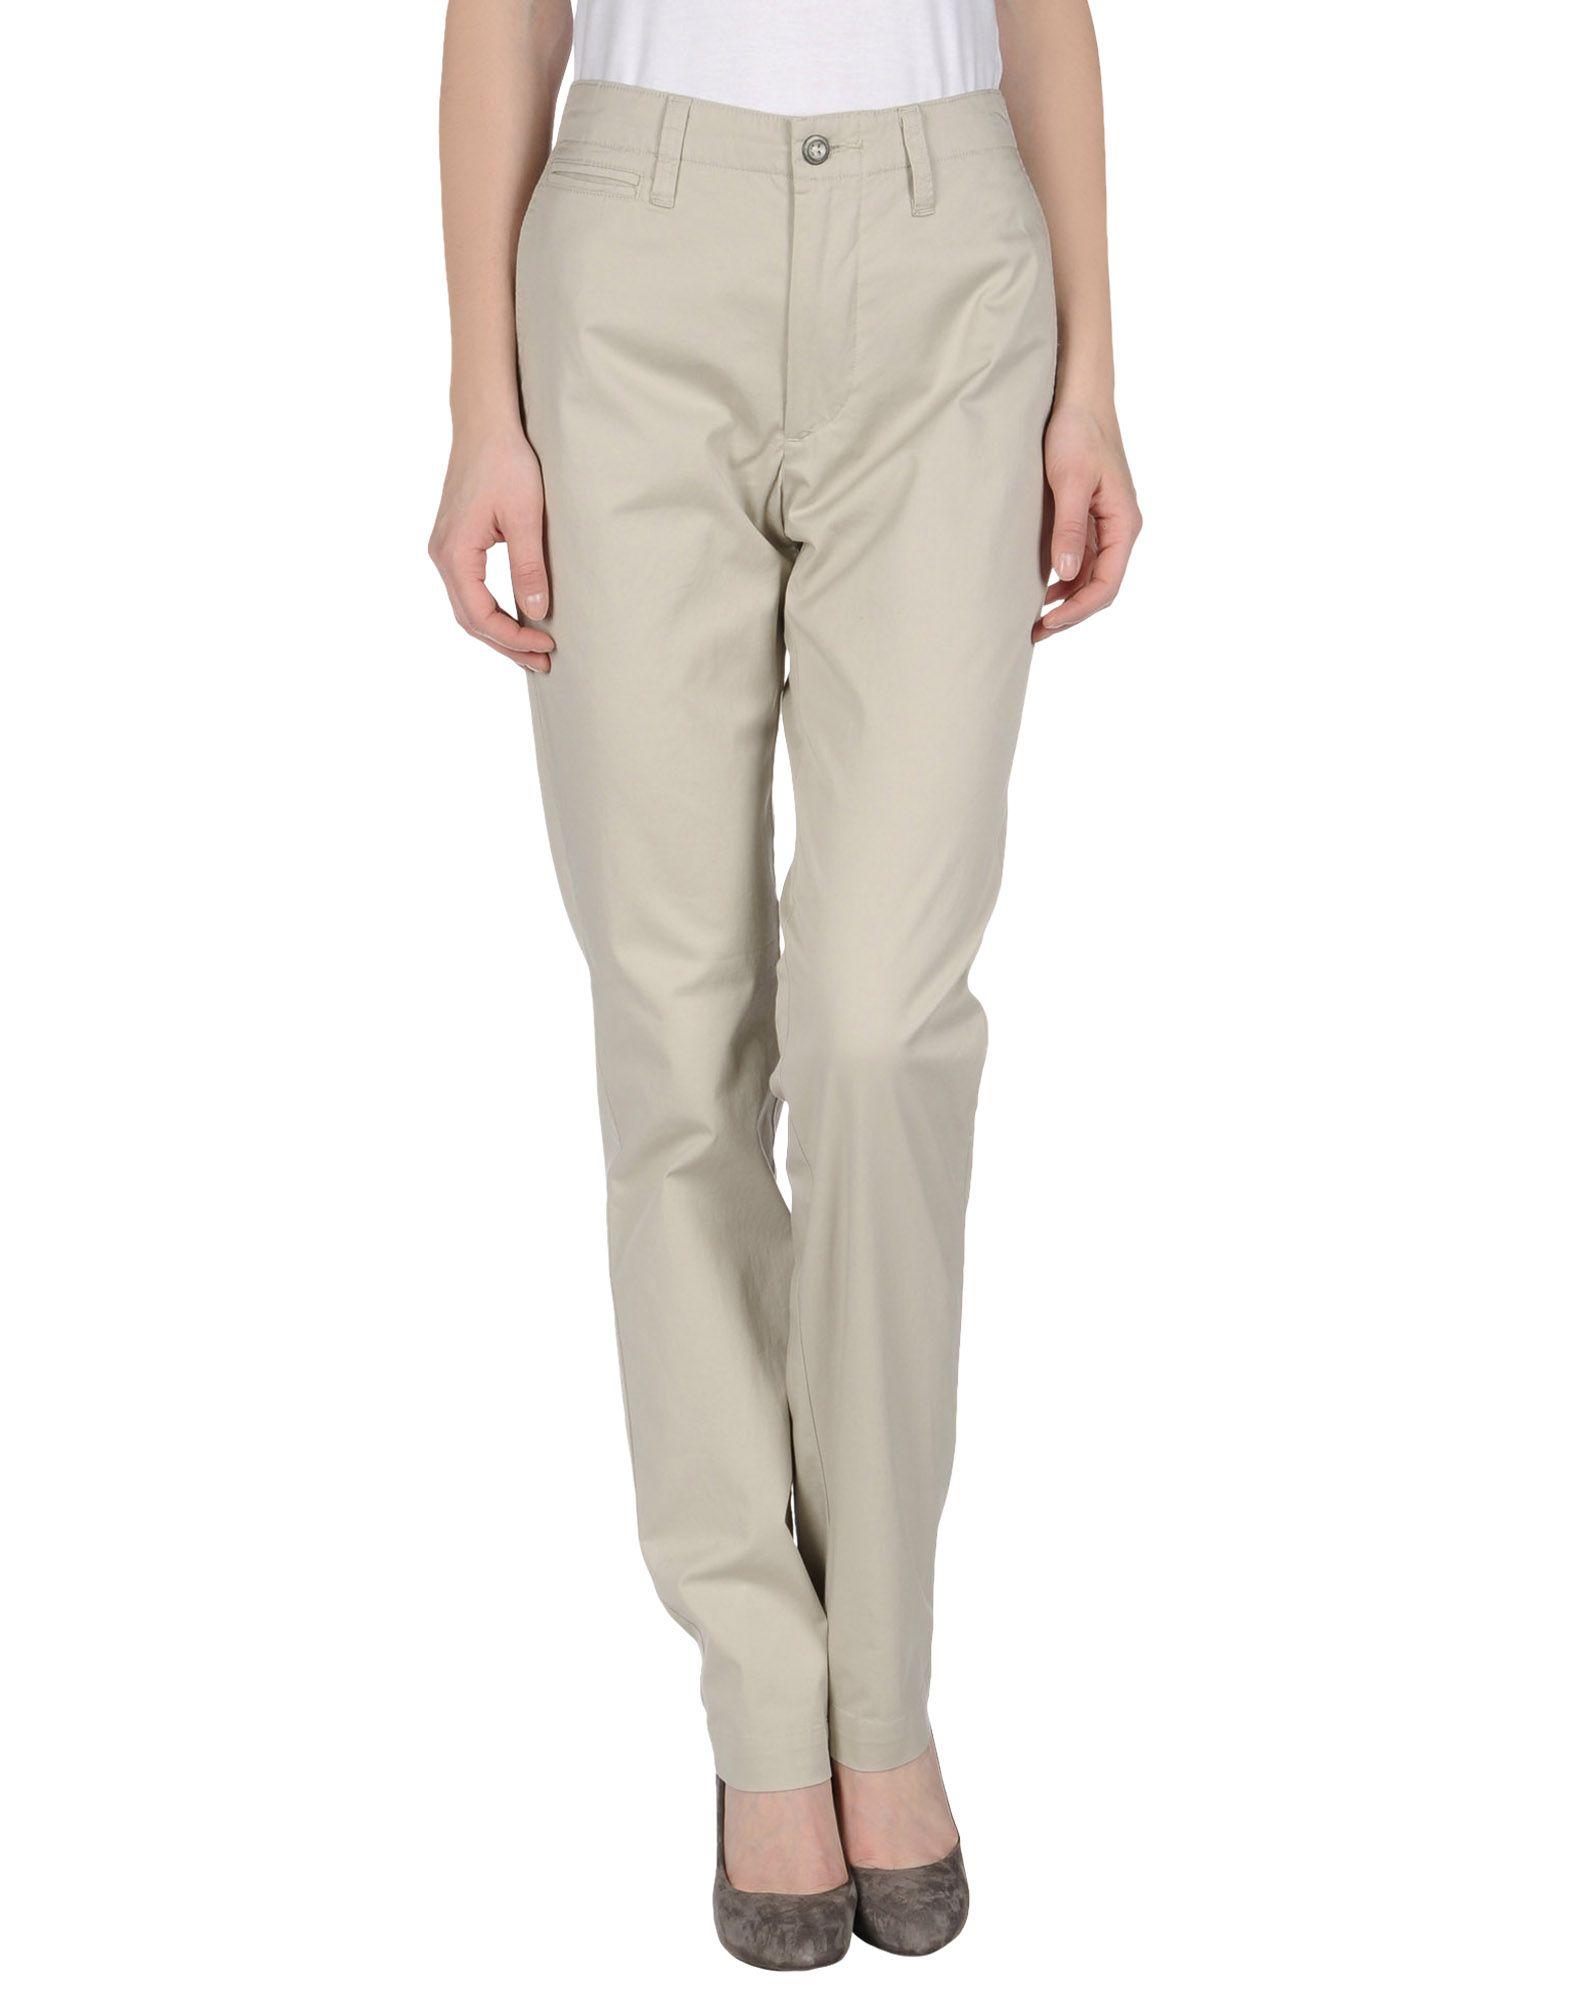 Luxury Gianfranco Ferr Casual Trouser In Gray Light Grey  Lyst